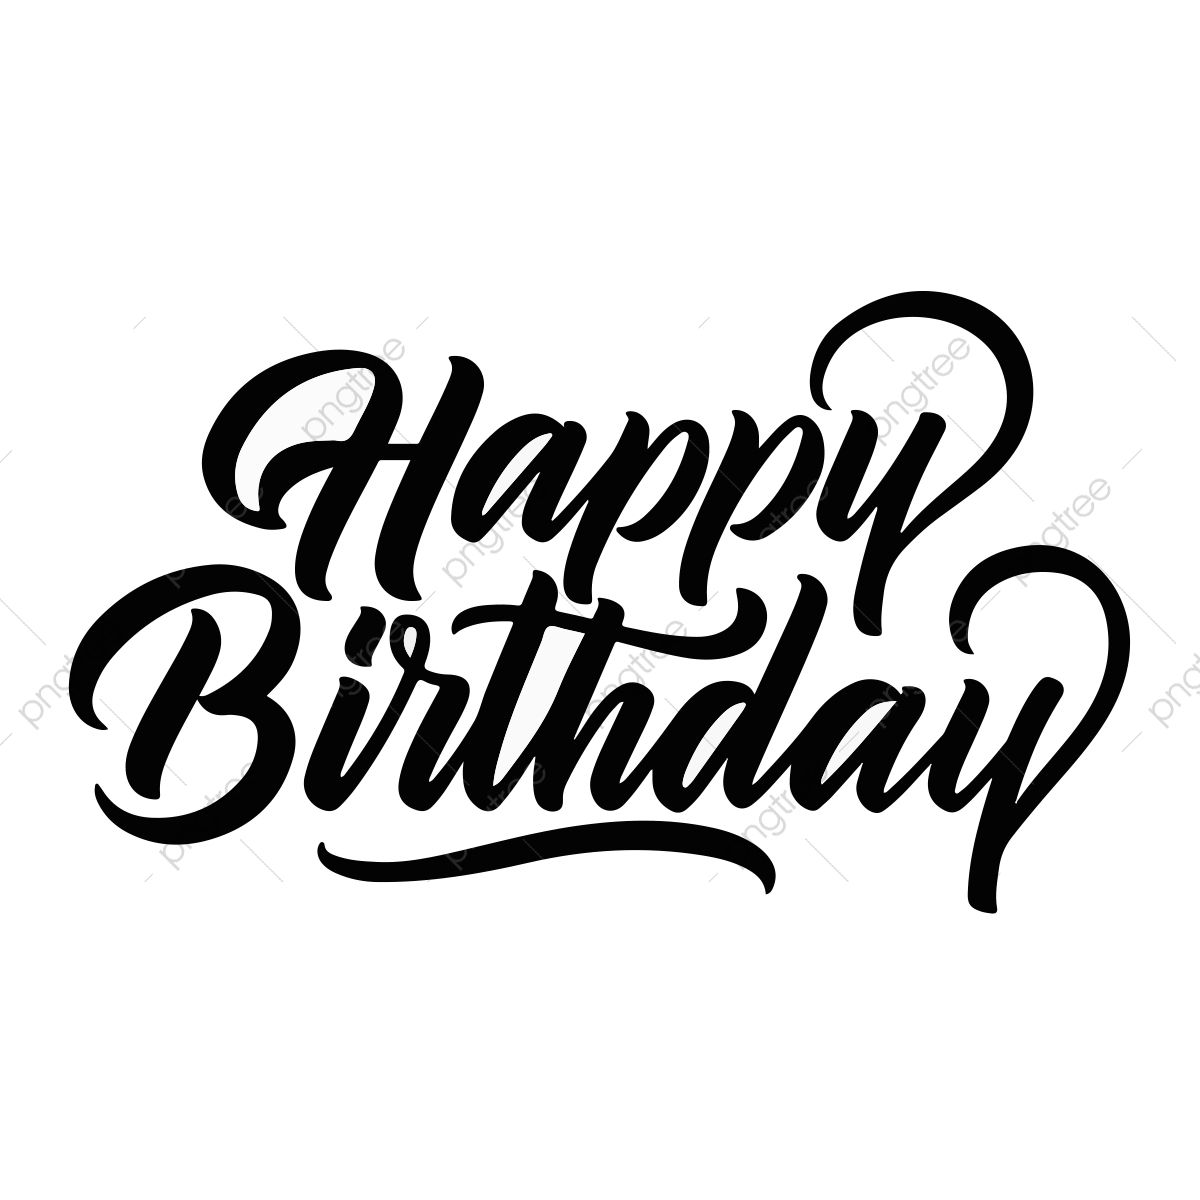 Happy Birthday  Happy birthday calligraphy, Happy birthday